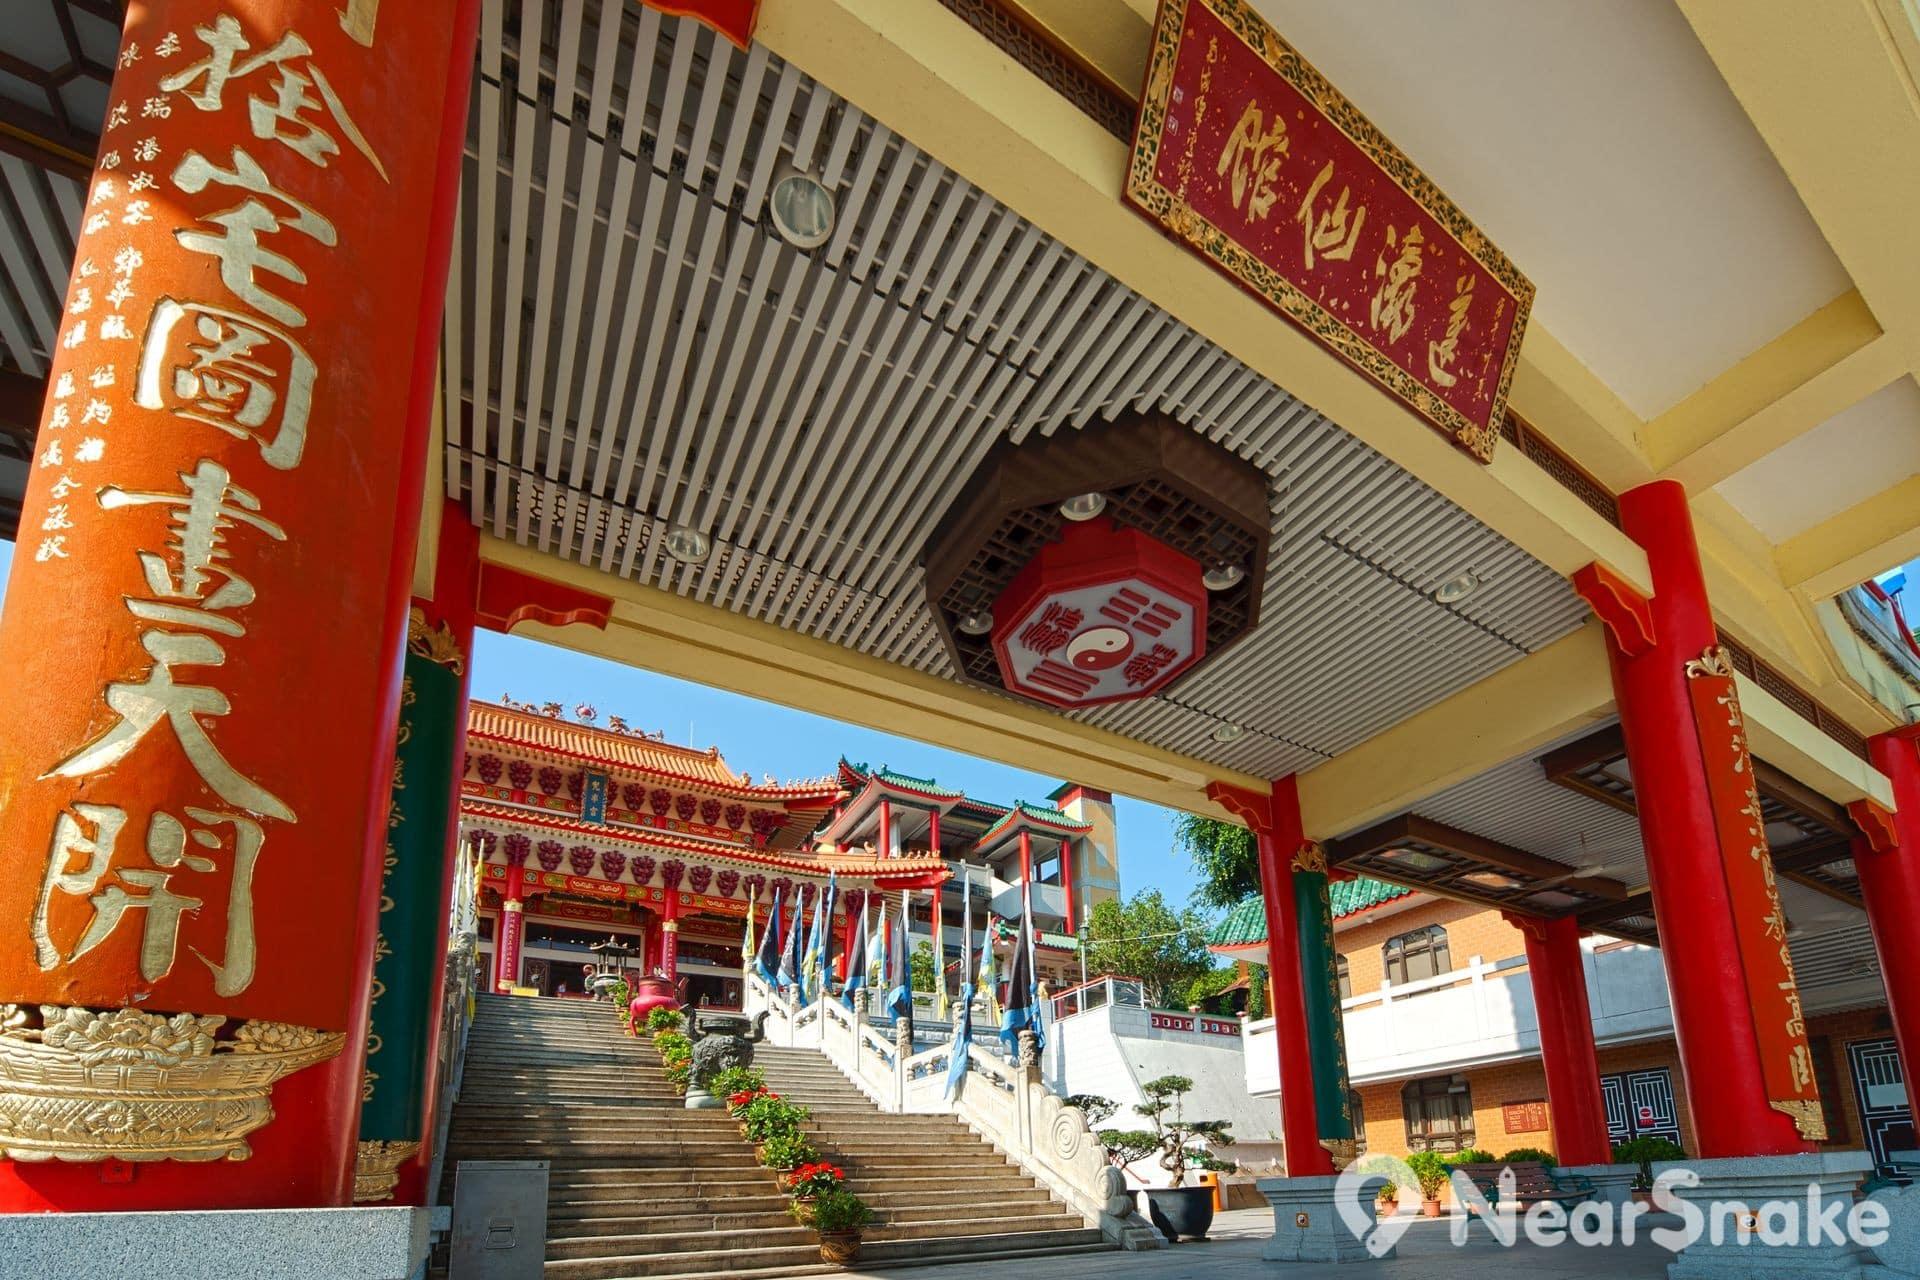 蓬瀛仙館的「蓬」、「瀛」二字,取自傳說中渤海上「蓬萊」和「瀛洲」兩座仙山。